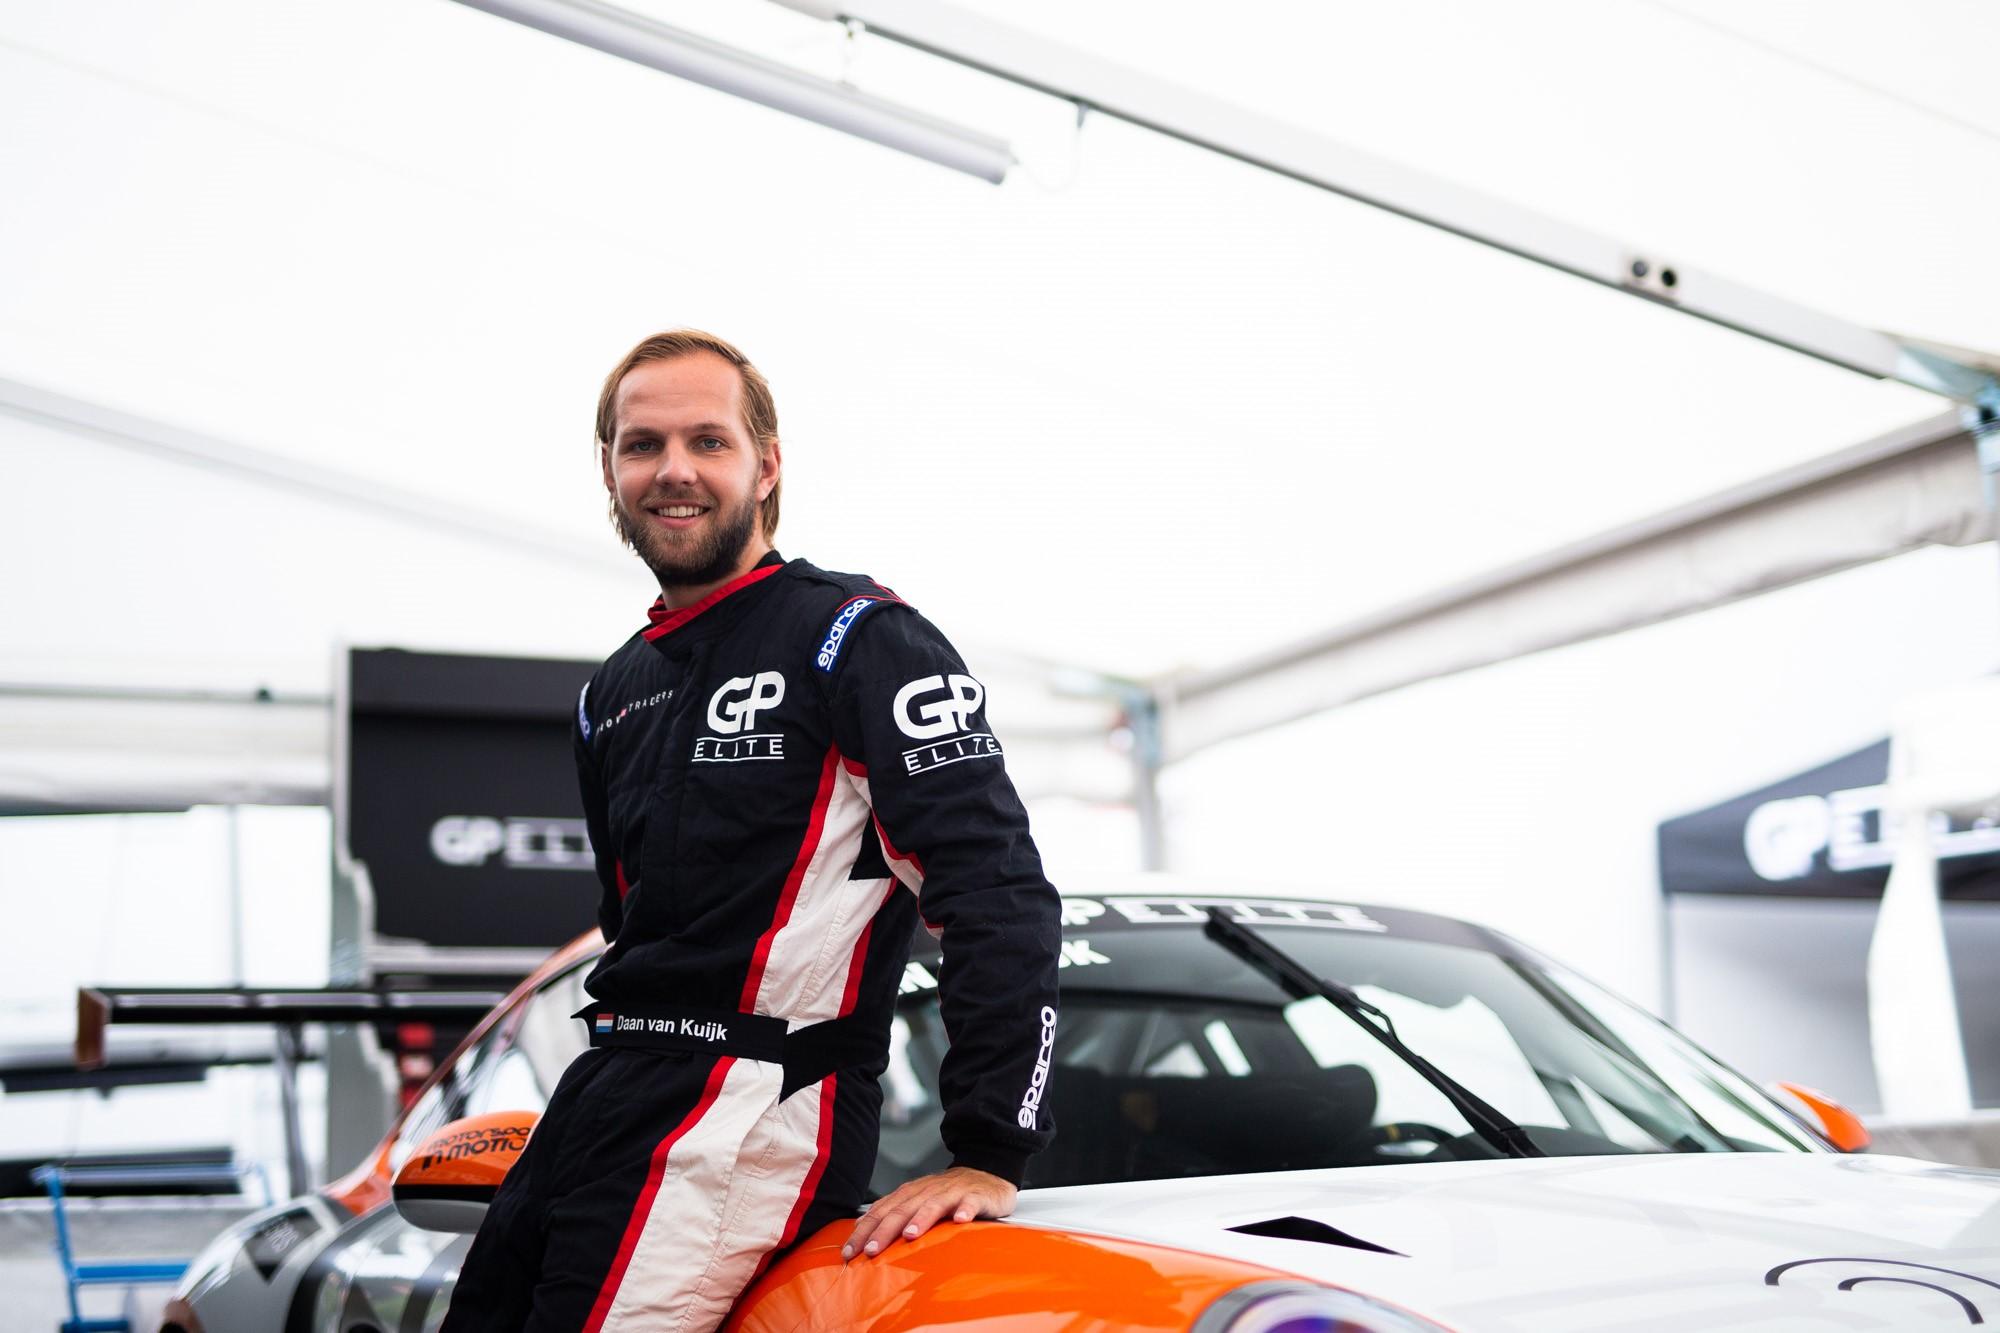 Team GP Elite presenteert vijfde rijder Porsche GT3 Cup Challenge Benelux!